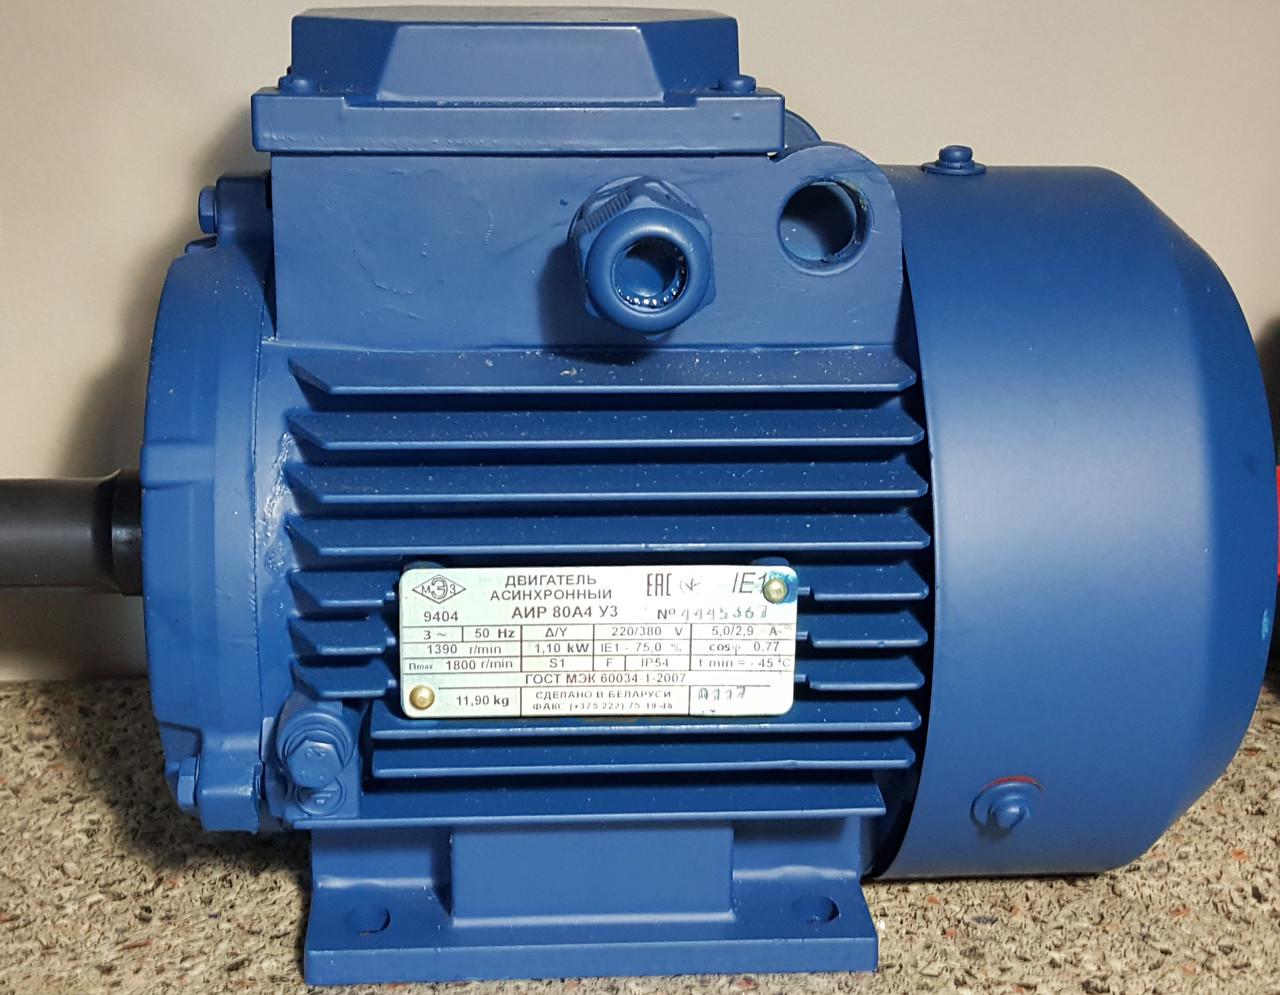 Электродвигатель трехфазный АИР160М2 (18,5кВт/3000об/мин) 380В, 220/380В